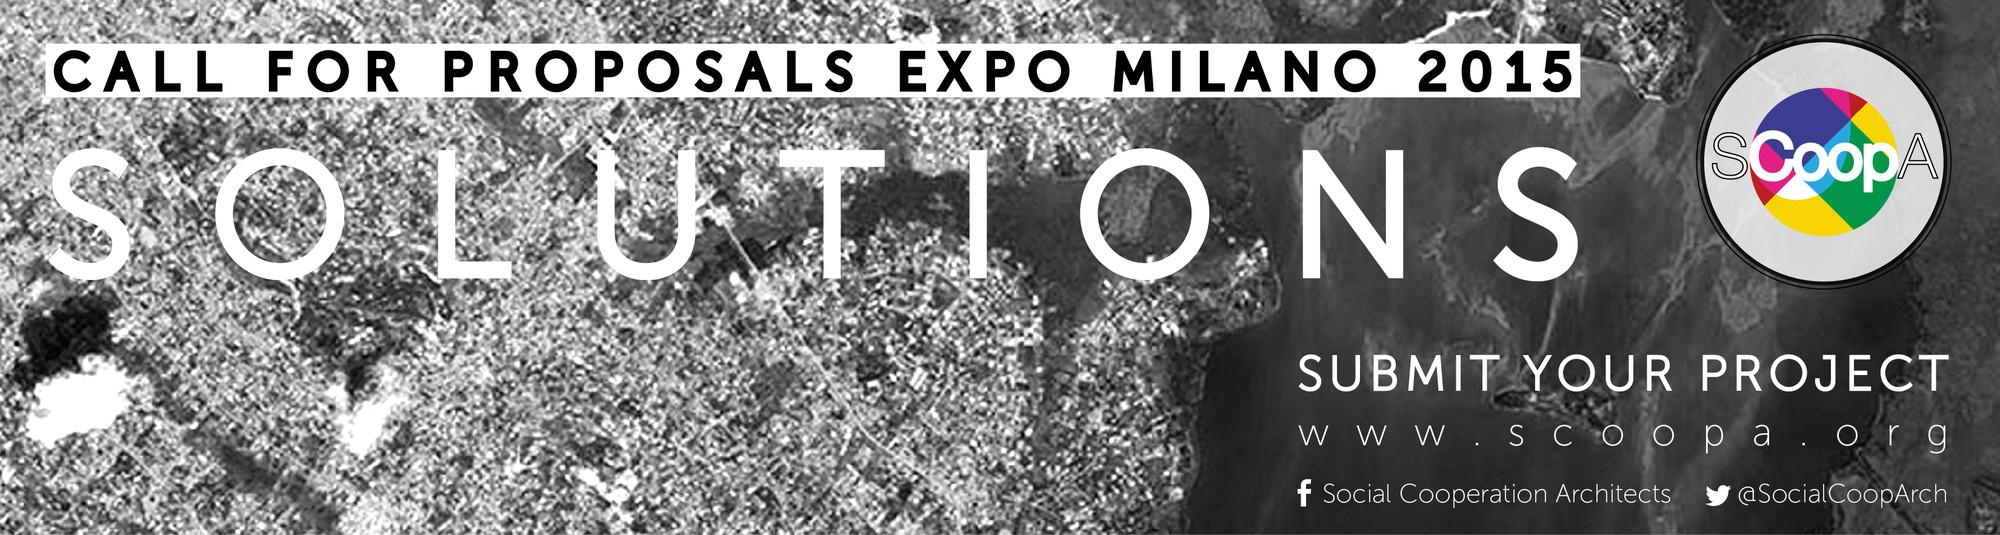 Chamada de trabalhos para a Expo Milão 2015, Cortesia de Social Cooperation Architects (SCoopA)